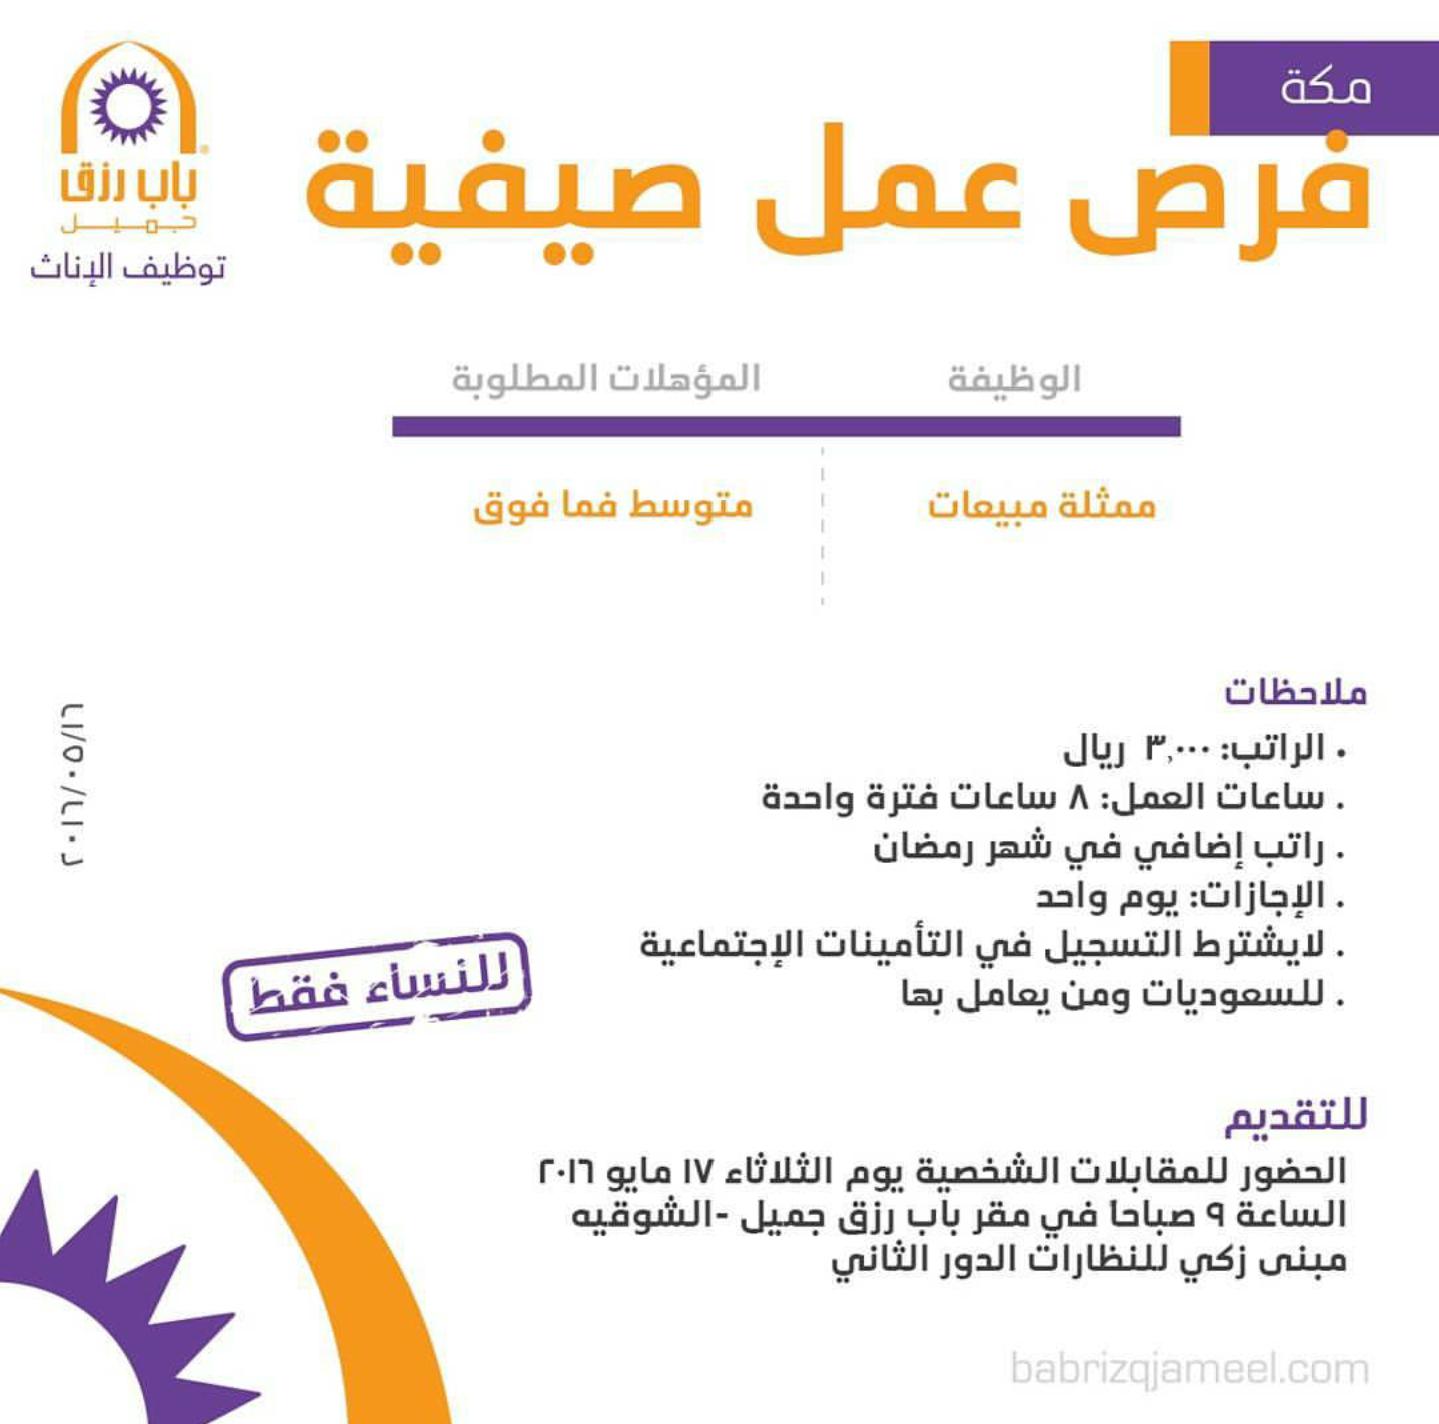 غدا الثلاثاء التقديم على وظيفة صيفية بمسمى ممثلة مبيعات - مكة المكرمة